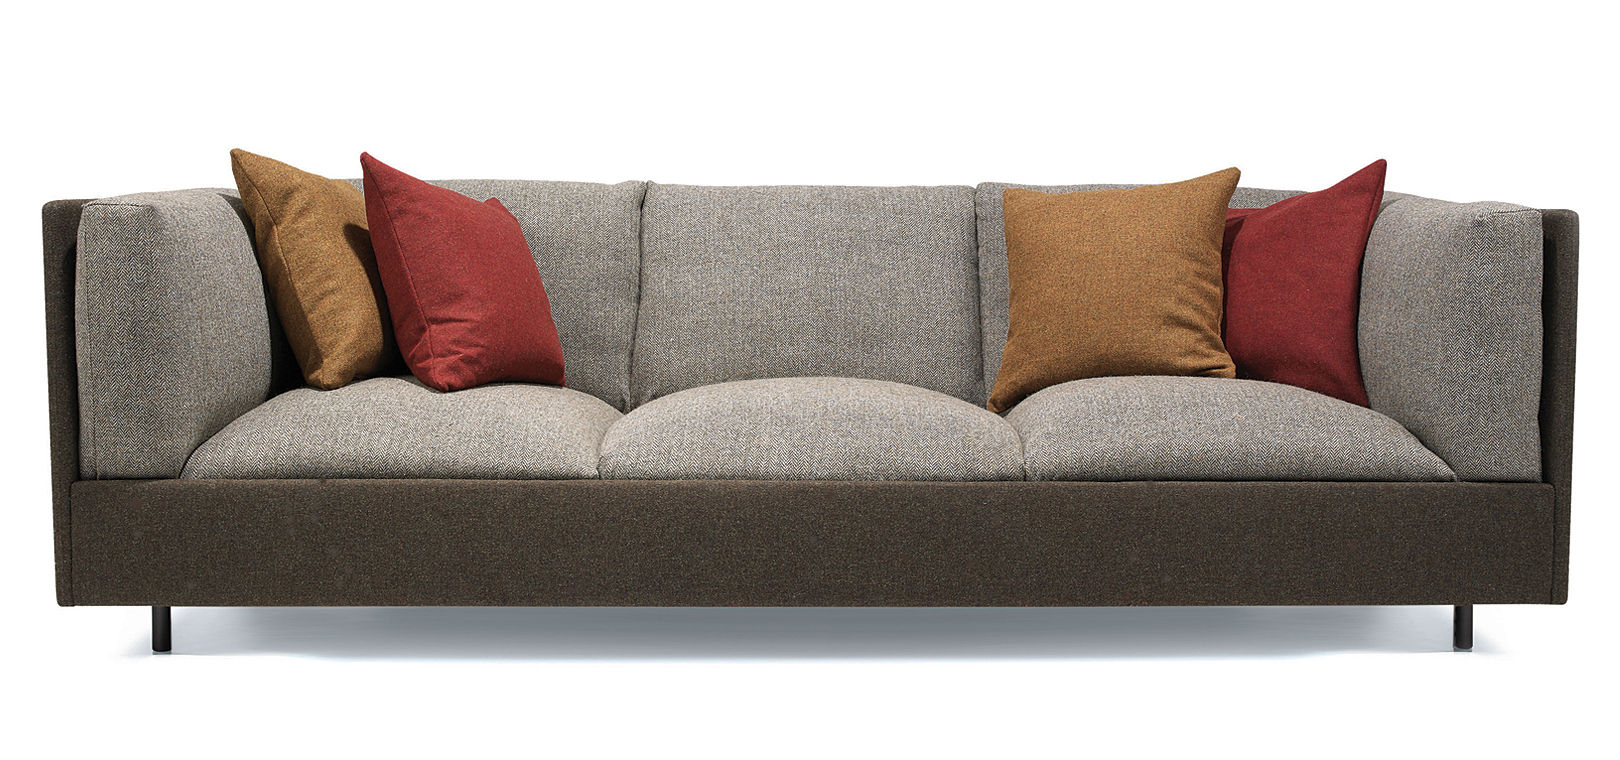 contemporary sofas elegant contemporary sofa 68 for your modern sofa inspiration with contemporary  sofa GDTPUWS